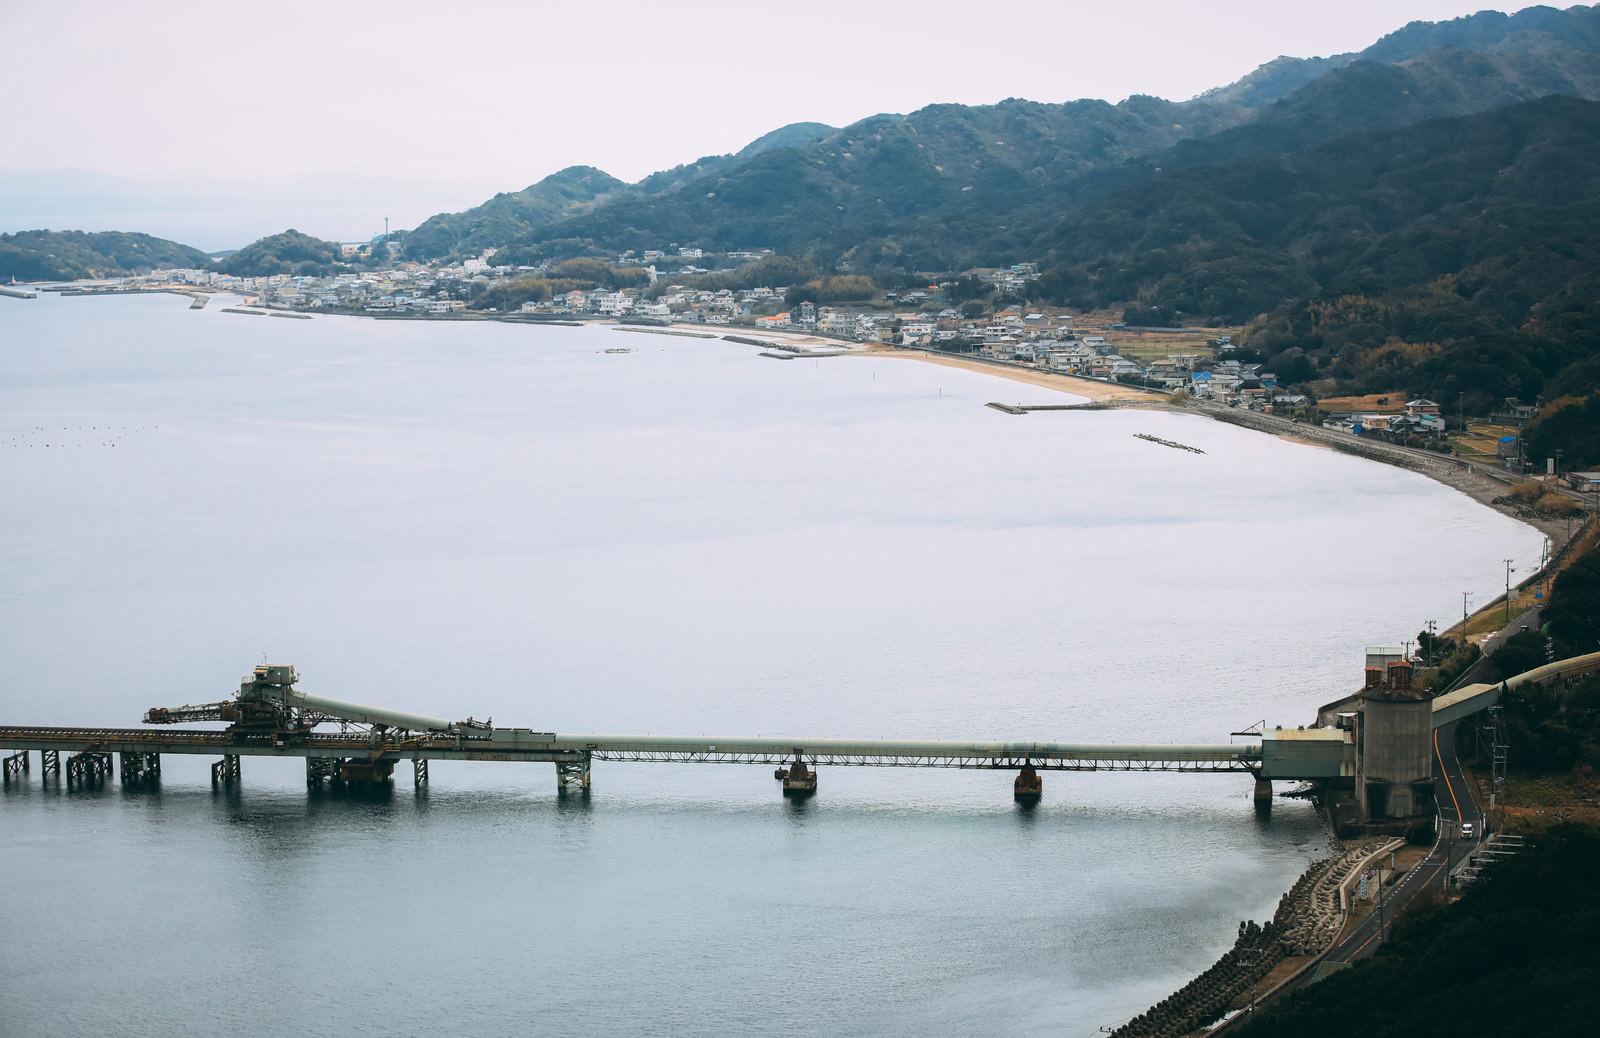 「工場越しに見る漁村」の写真